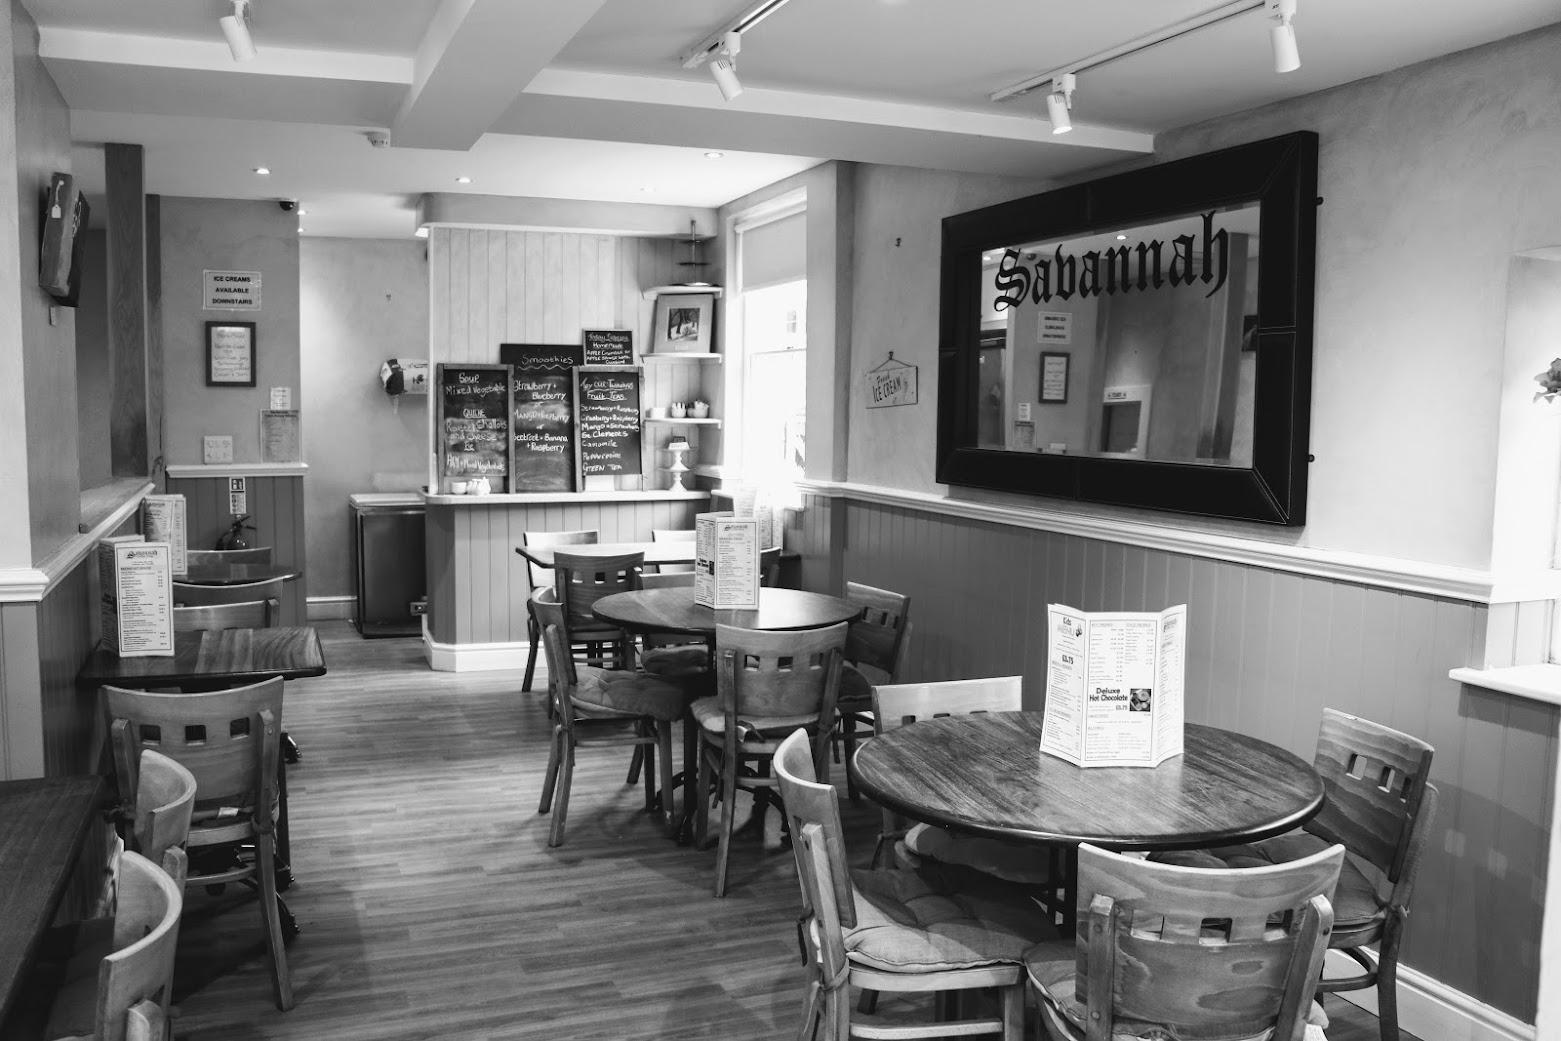 Savannah Cafe and Coffee Shop Tenterden